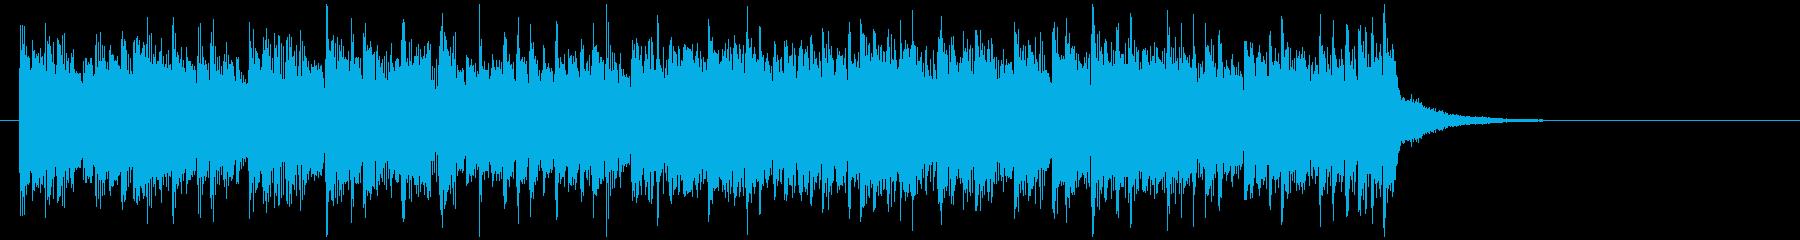 最先端で近代的なアップテンポ音楽の再生済みの波形